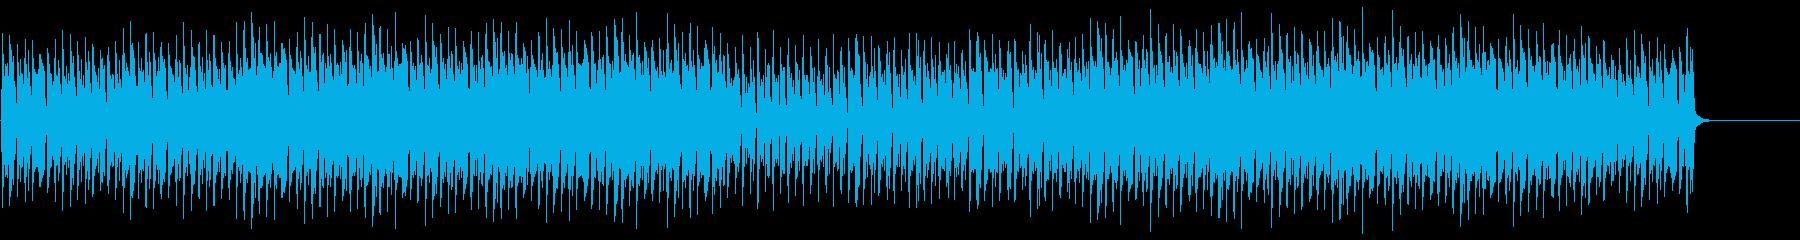 格闘技の入場に使われそうなラテンBGMの再生済みの波形